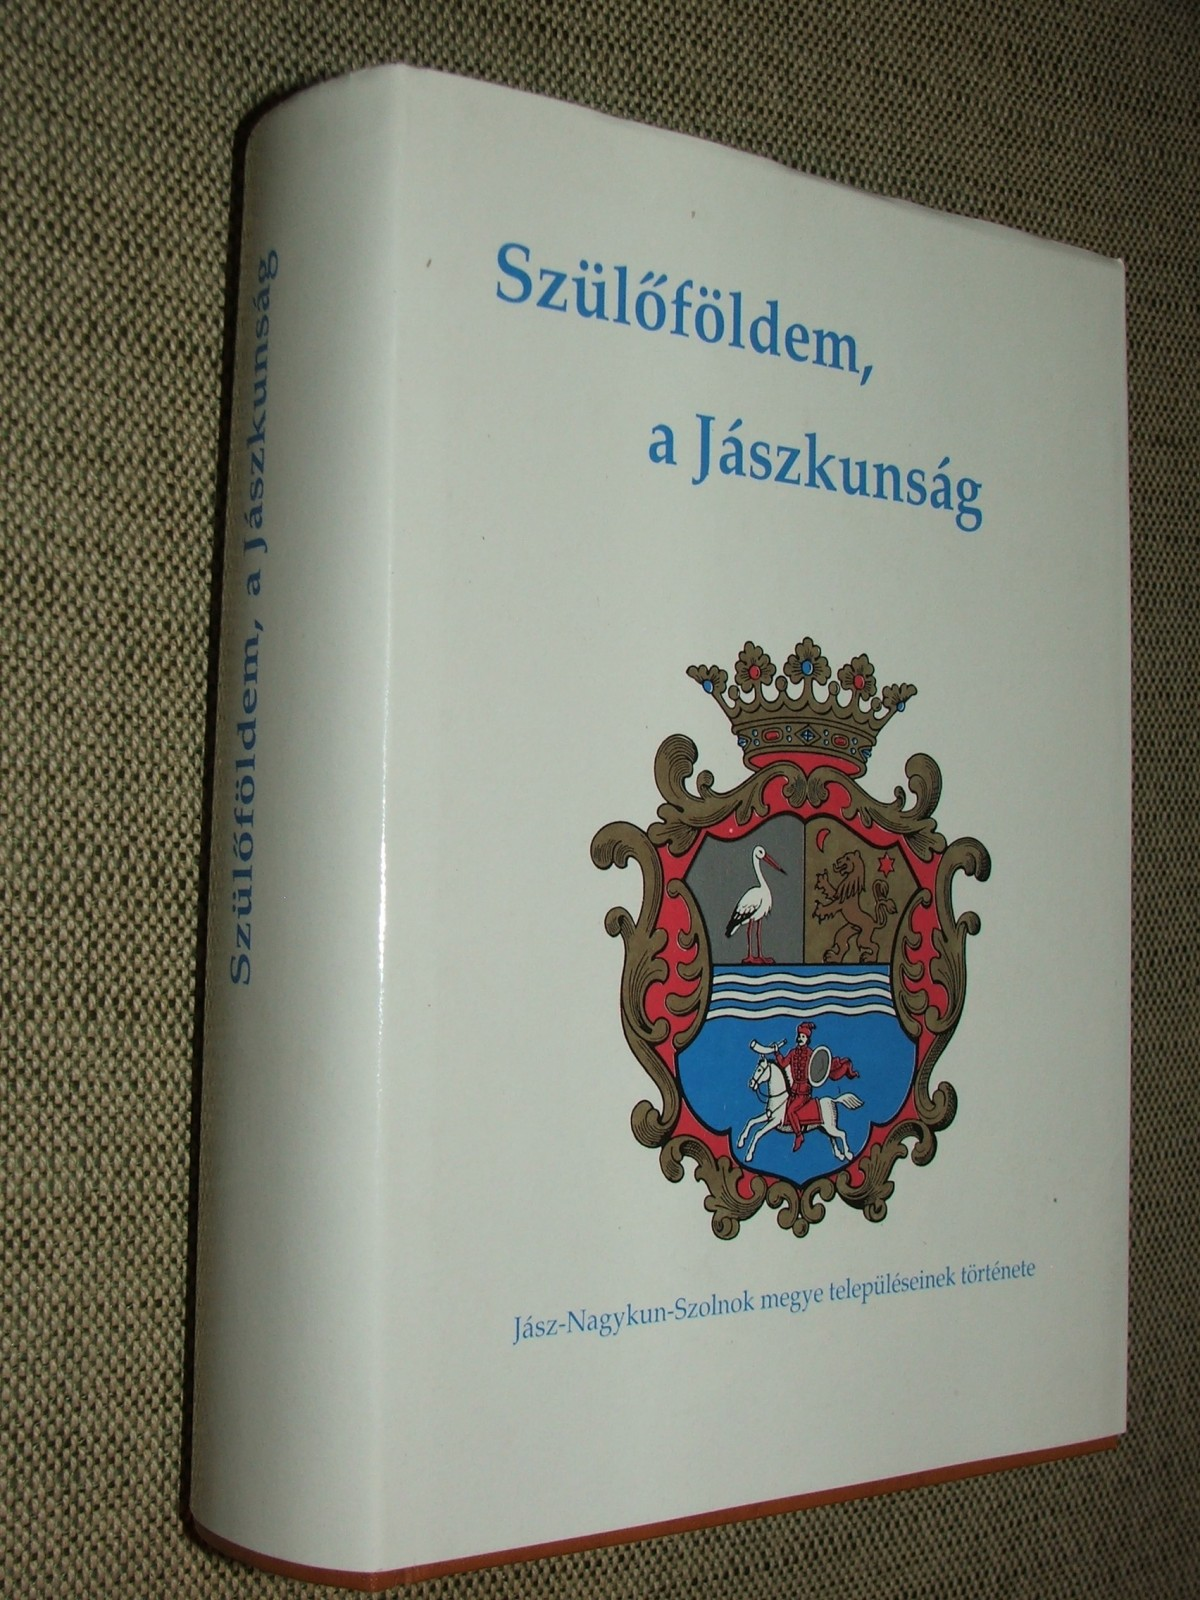 (SIMON Béla szerk.): Szülőföldem, a Jászkunság